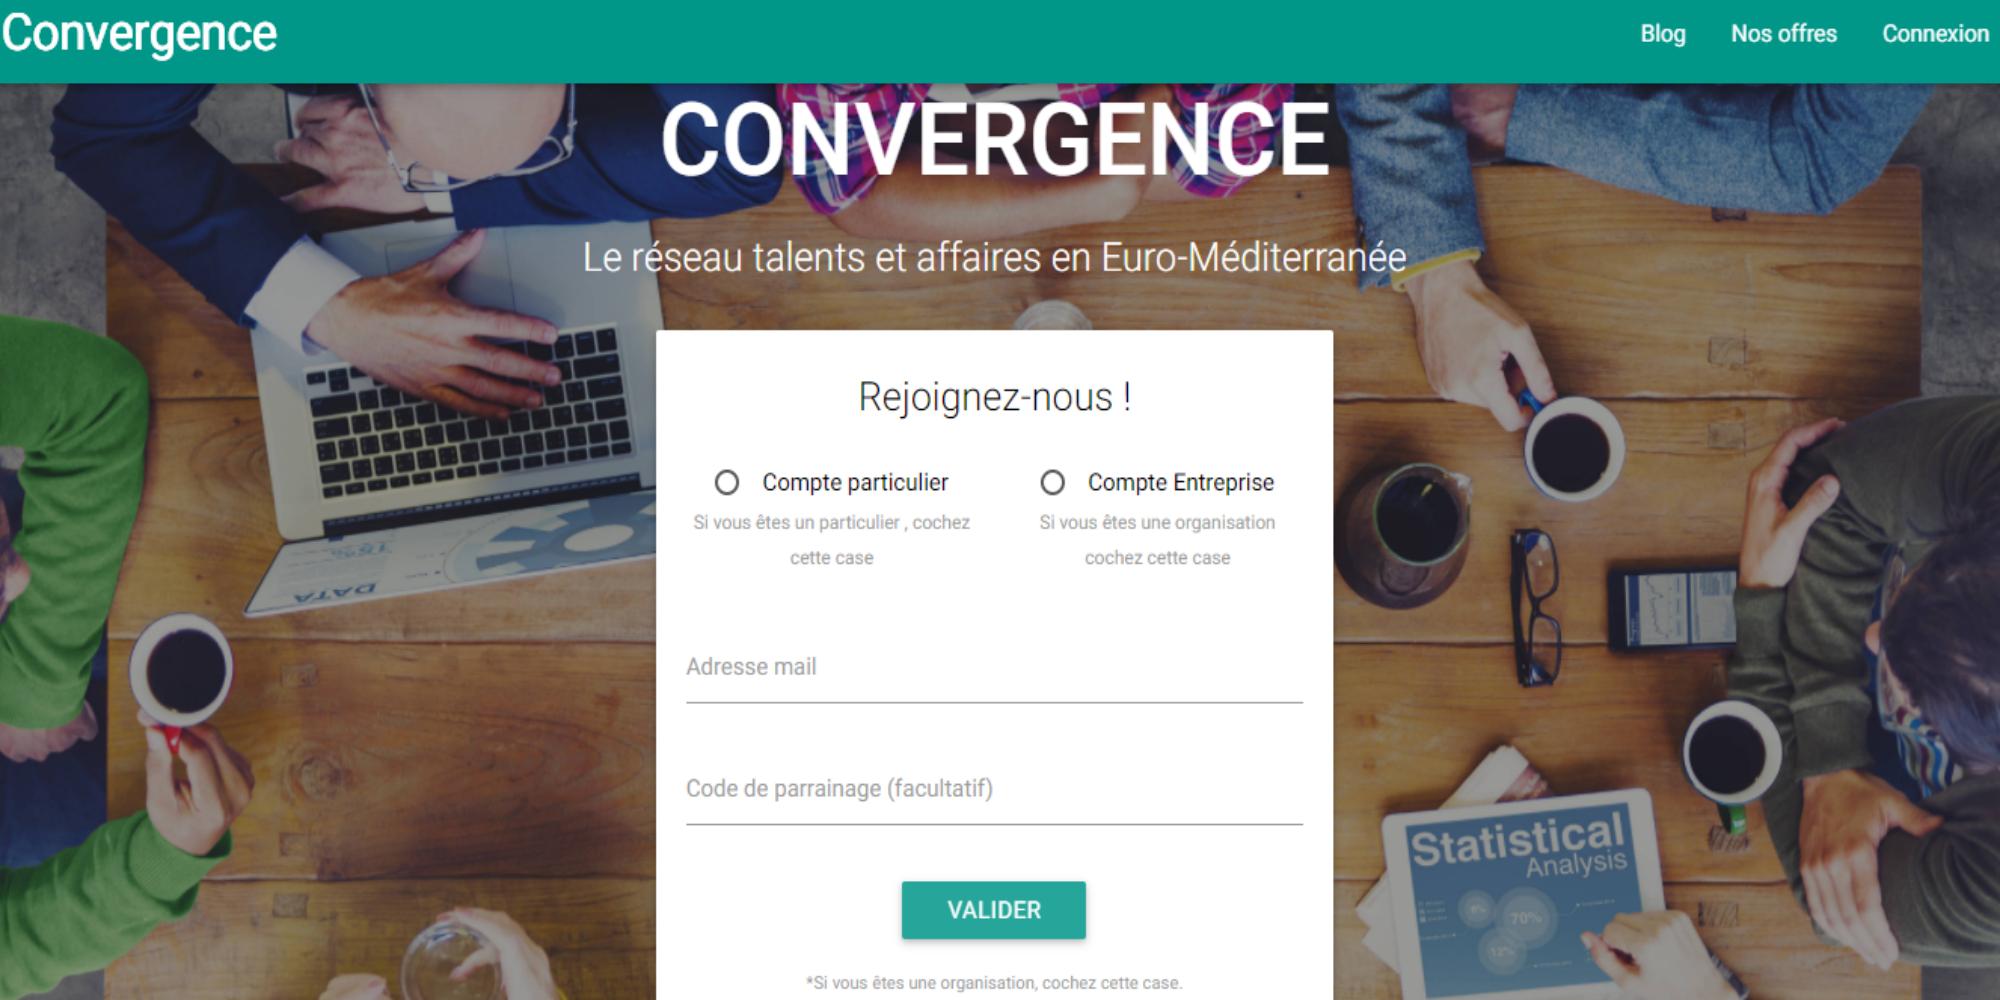 Convergence.link , la plateforme de la mise en relation professionnelle qualifiée sur la zone Europe-Méditerranée-Afrique